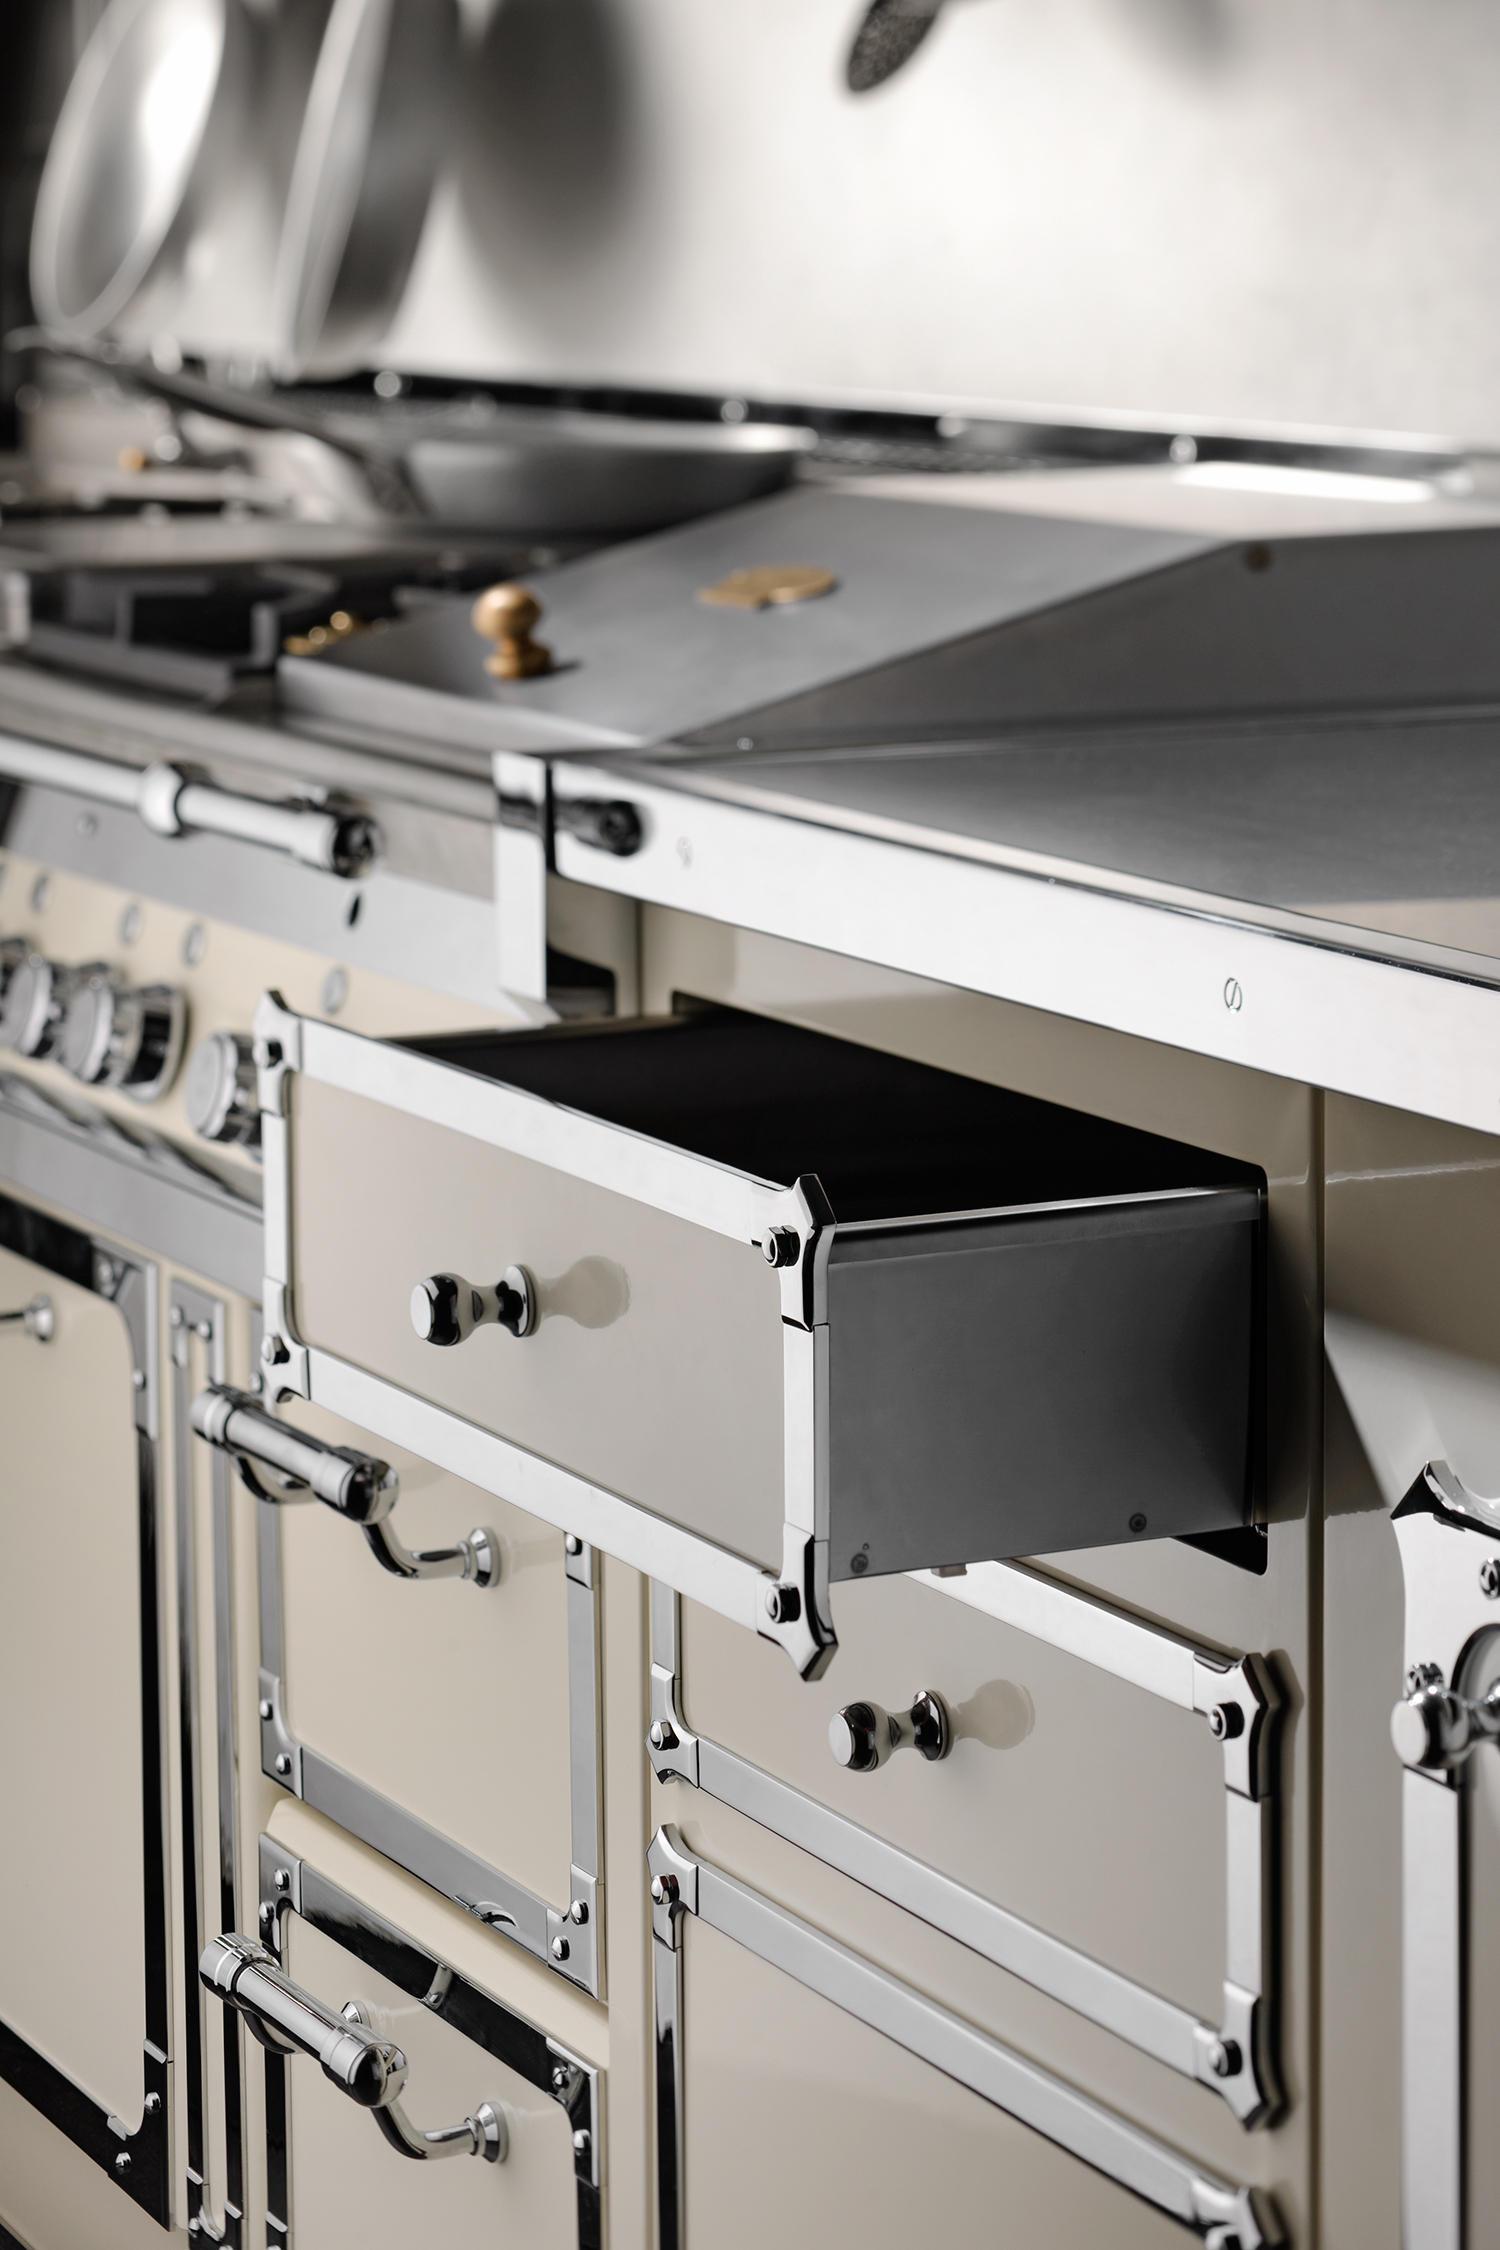 SIGNORIA PALACE KÜCHE - Einbauküchen von Officine Gullo | Architonic